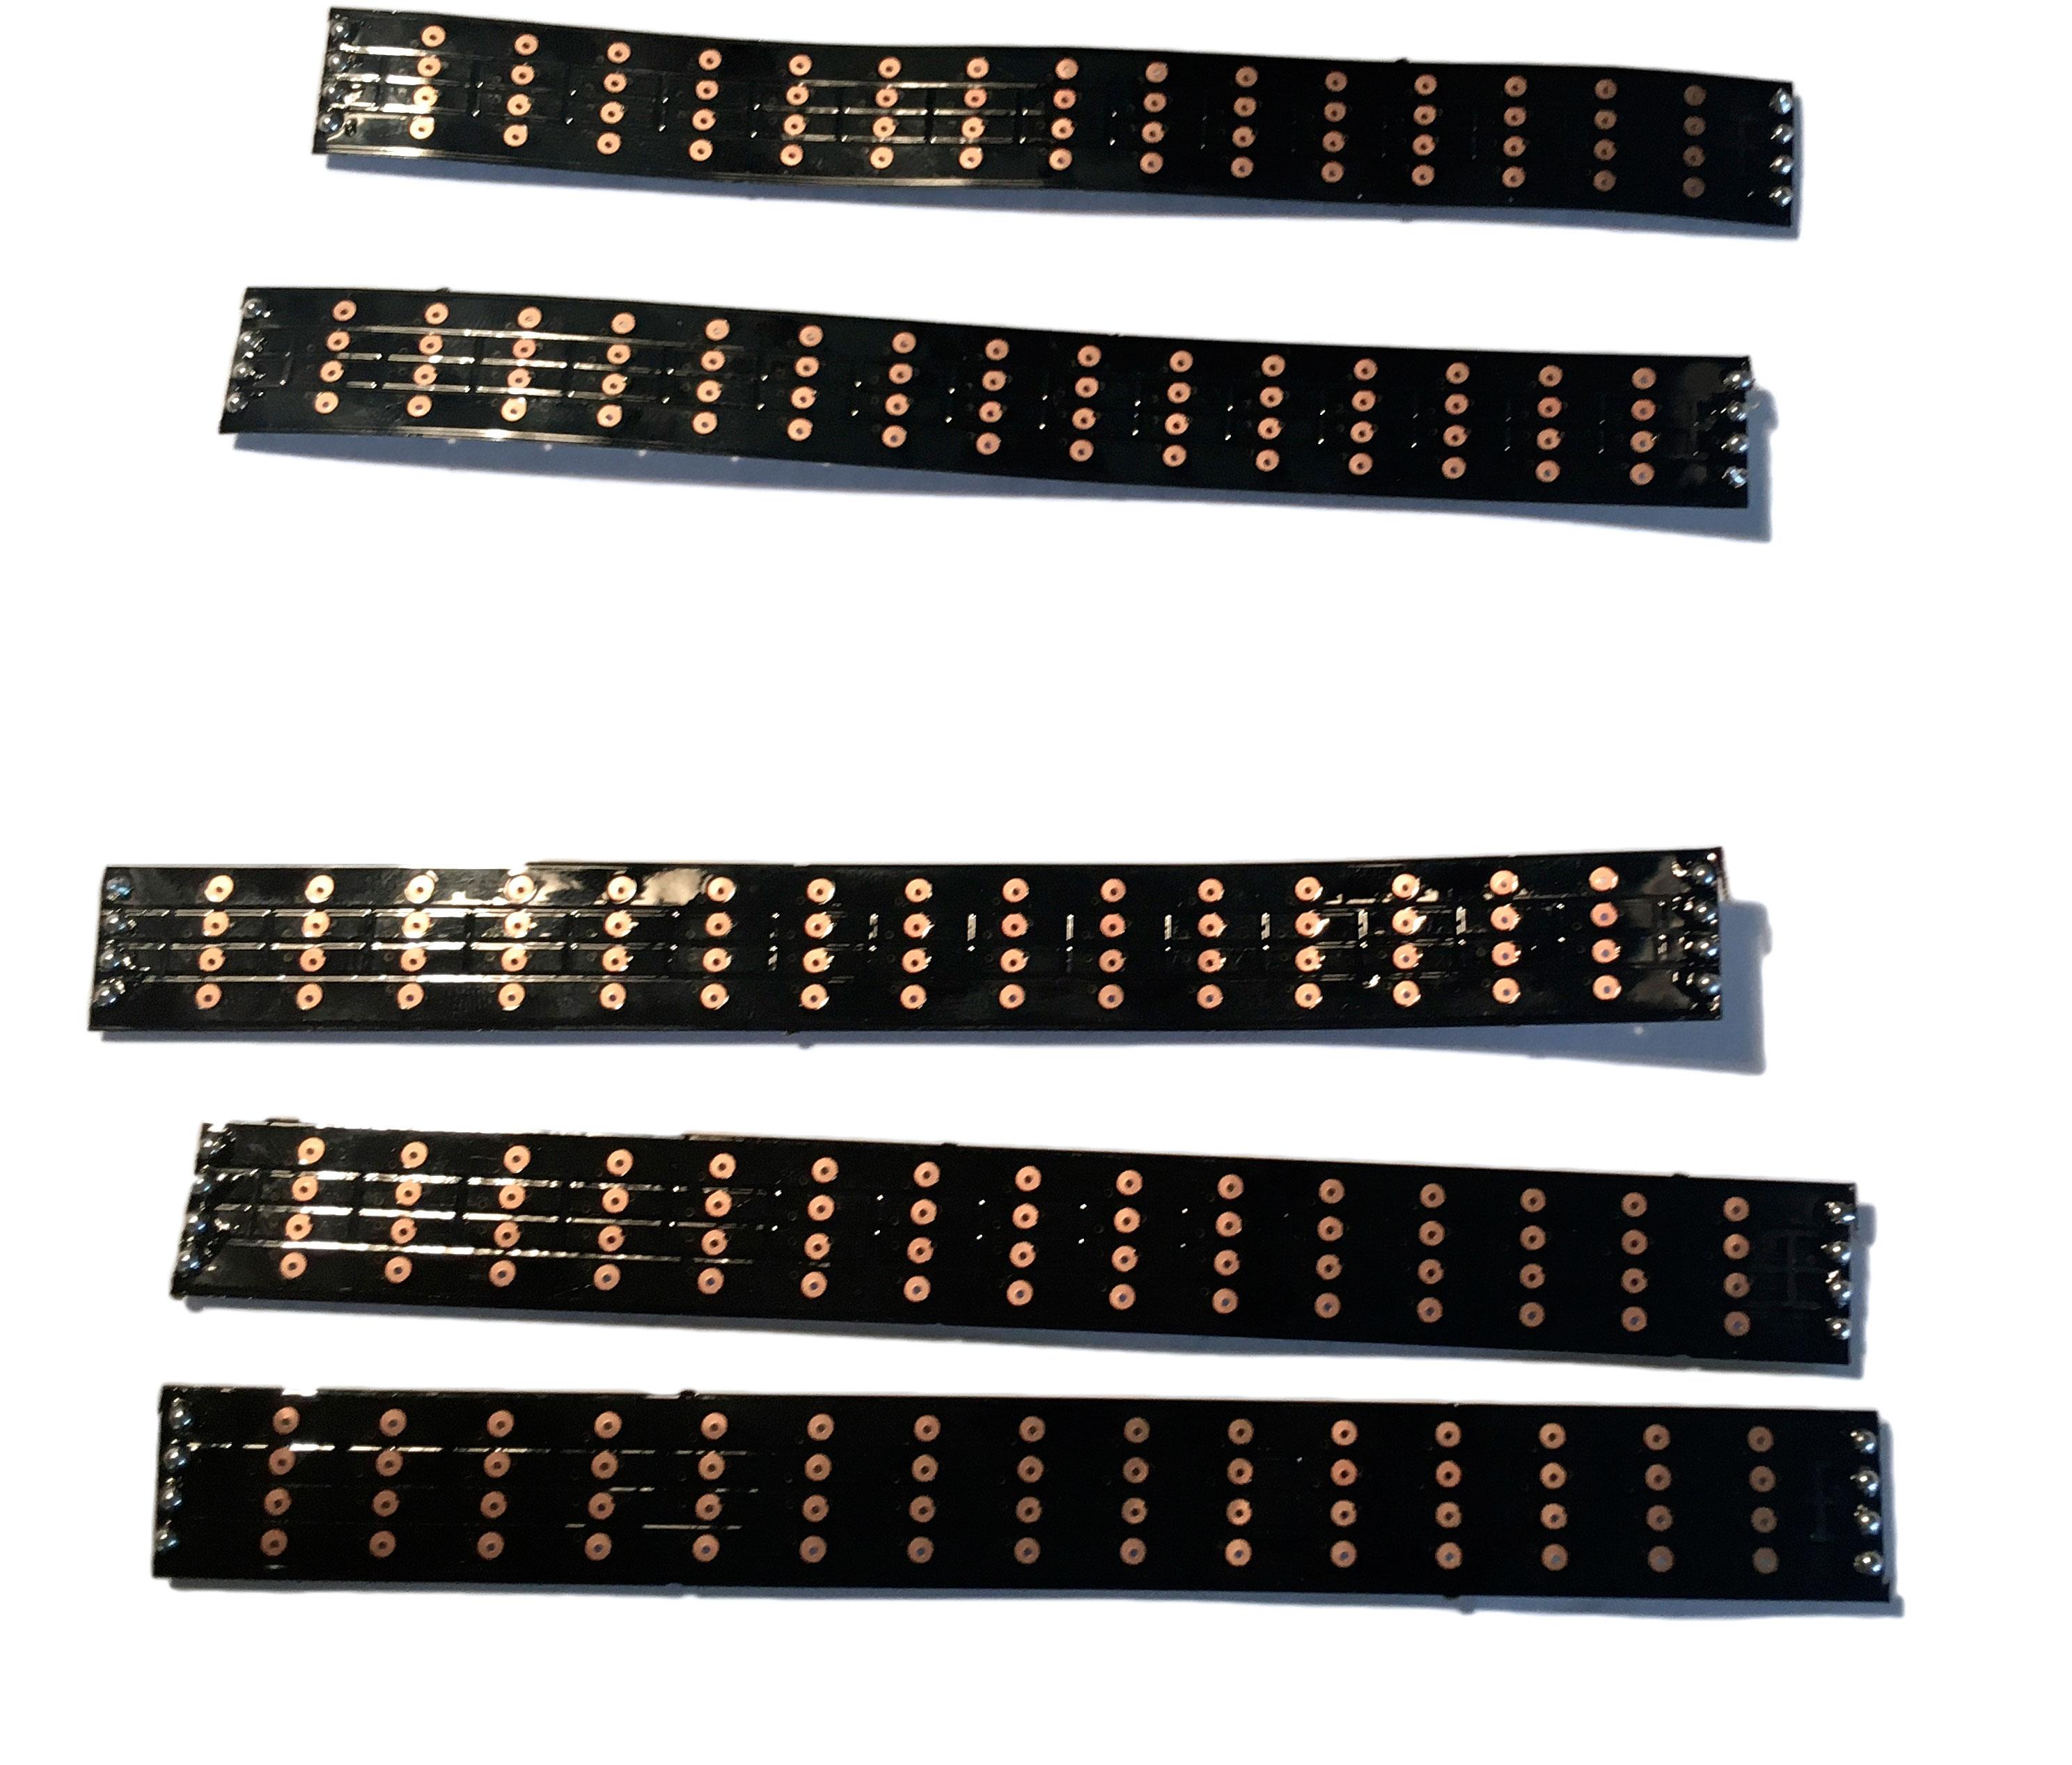 led_matrix_strips_tinned.jpg